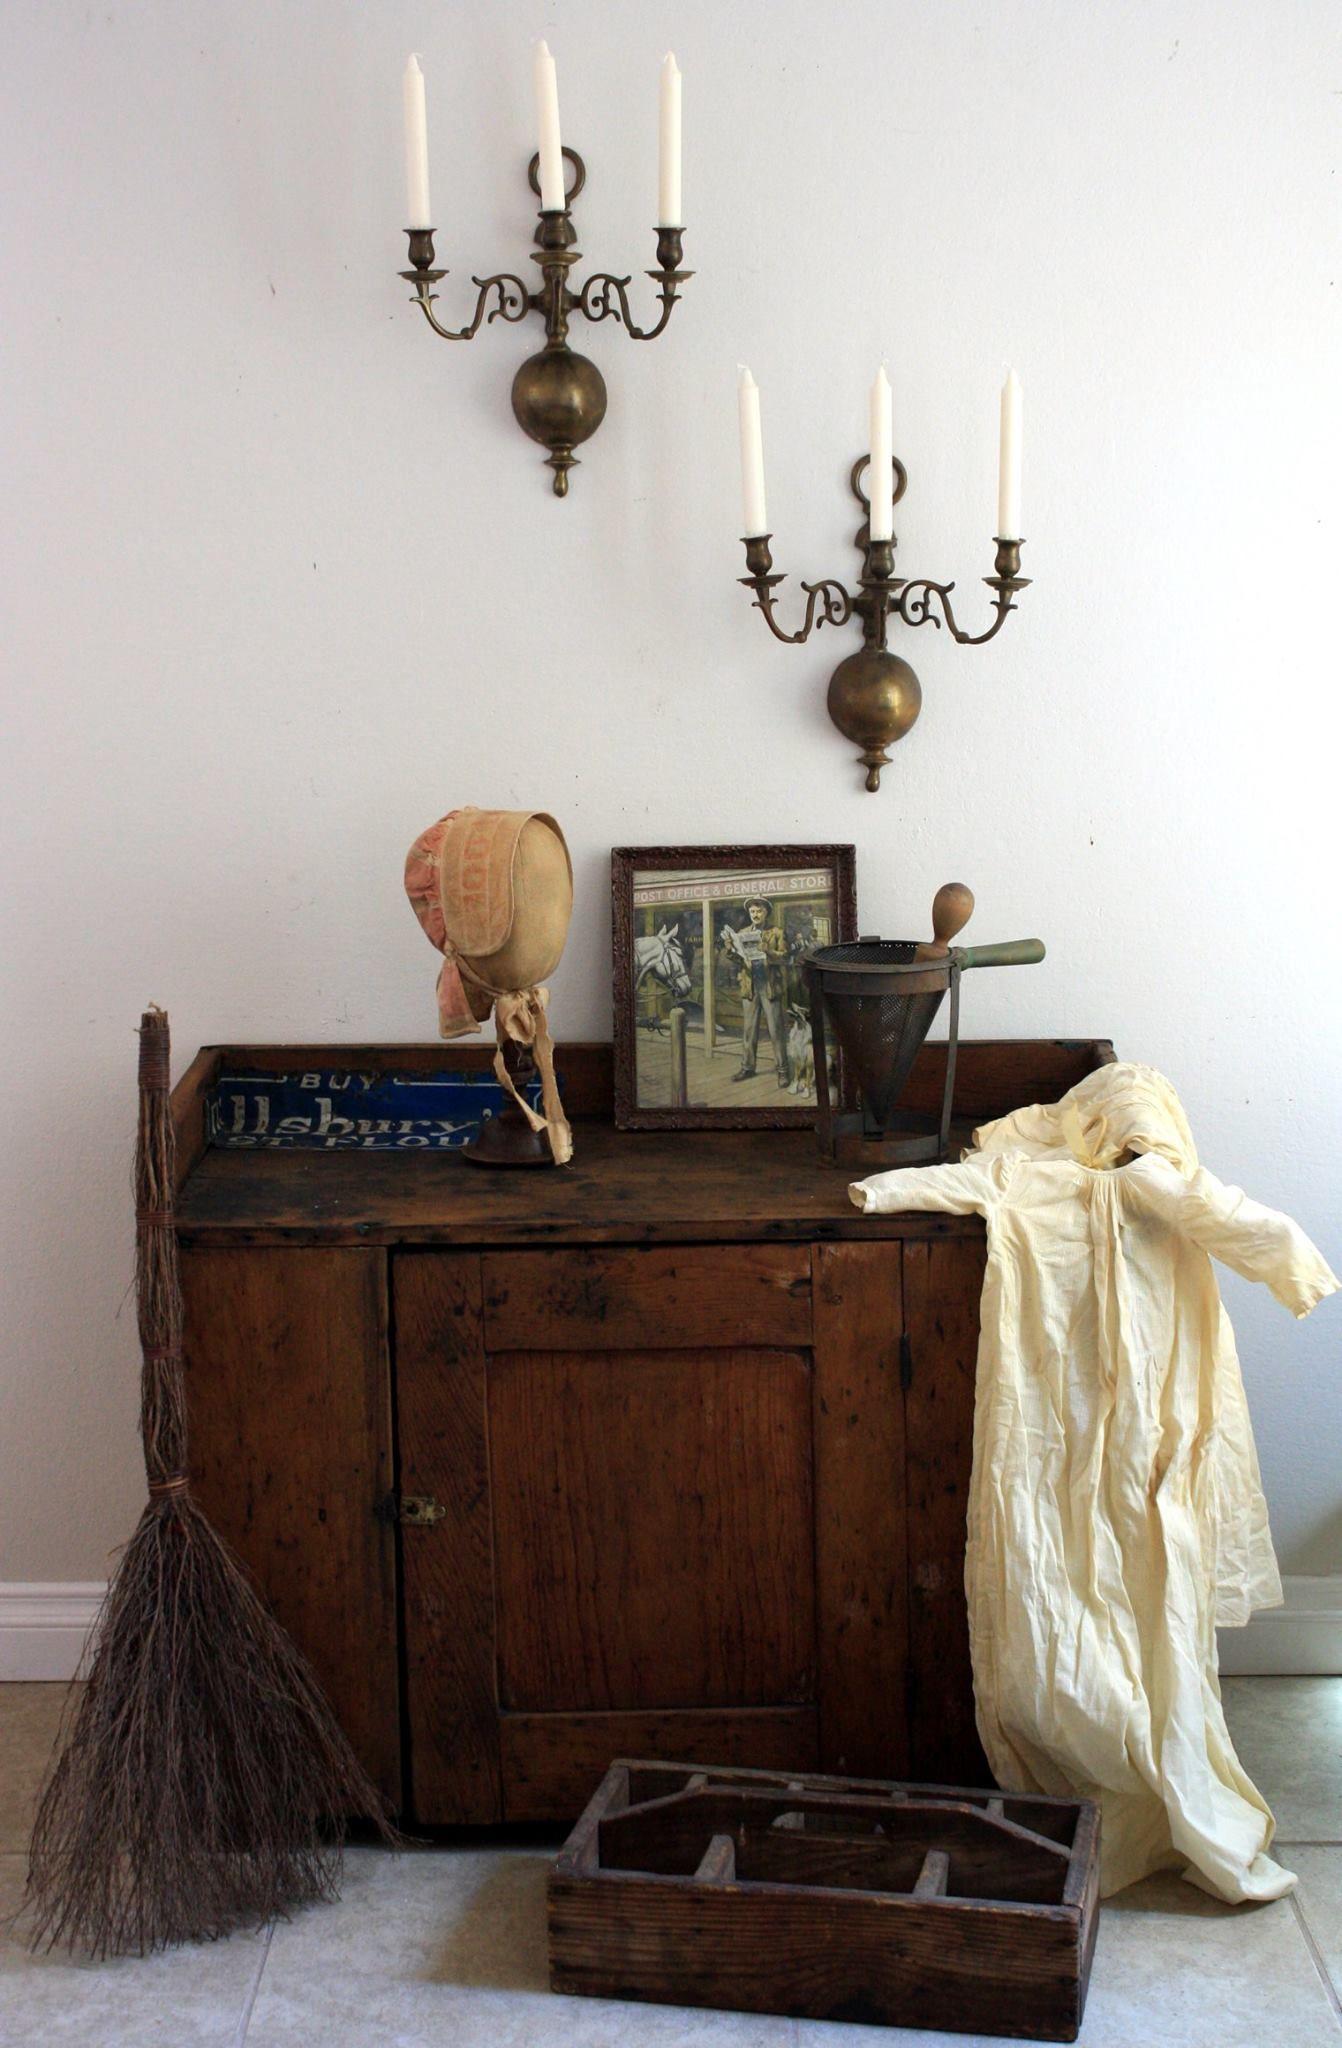 Find us on Facebook at Heartland Vestige Home decor